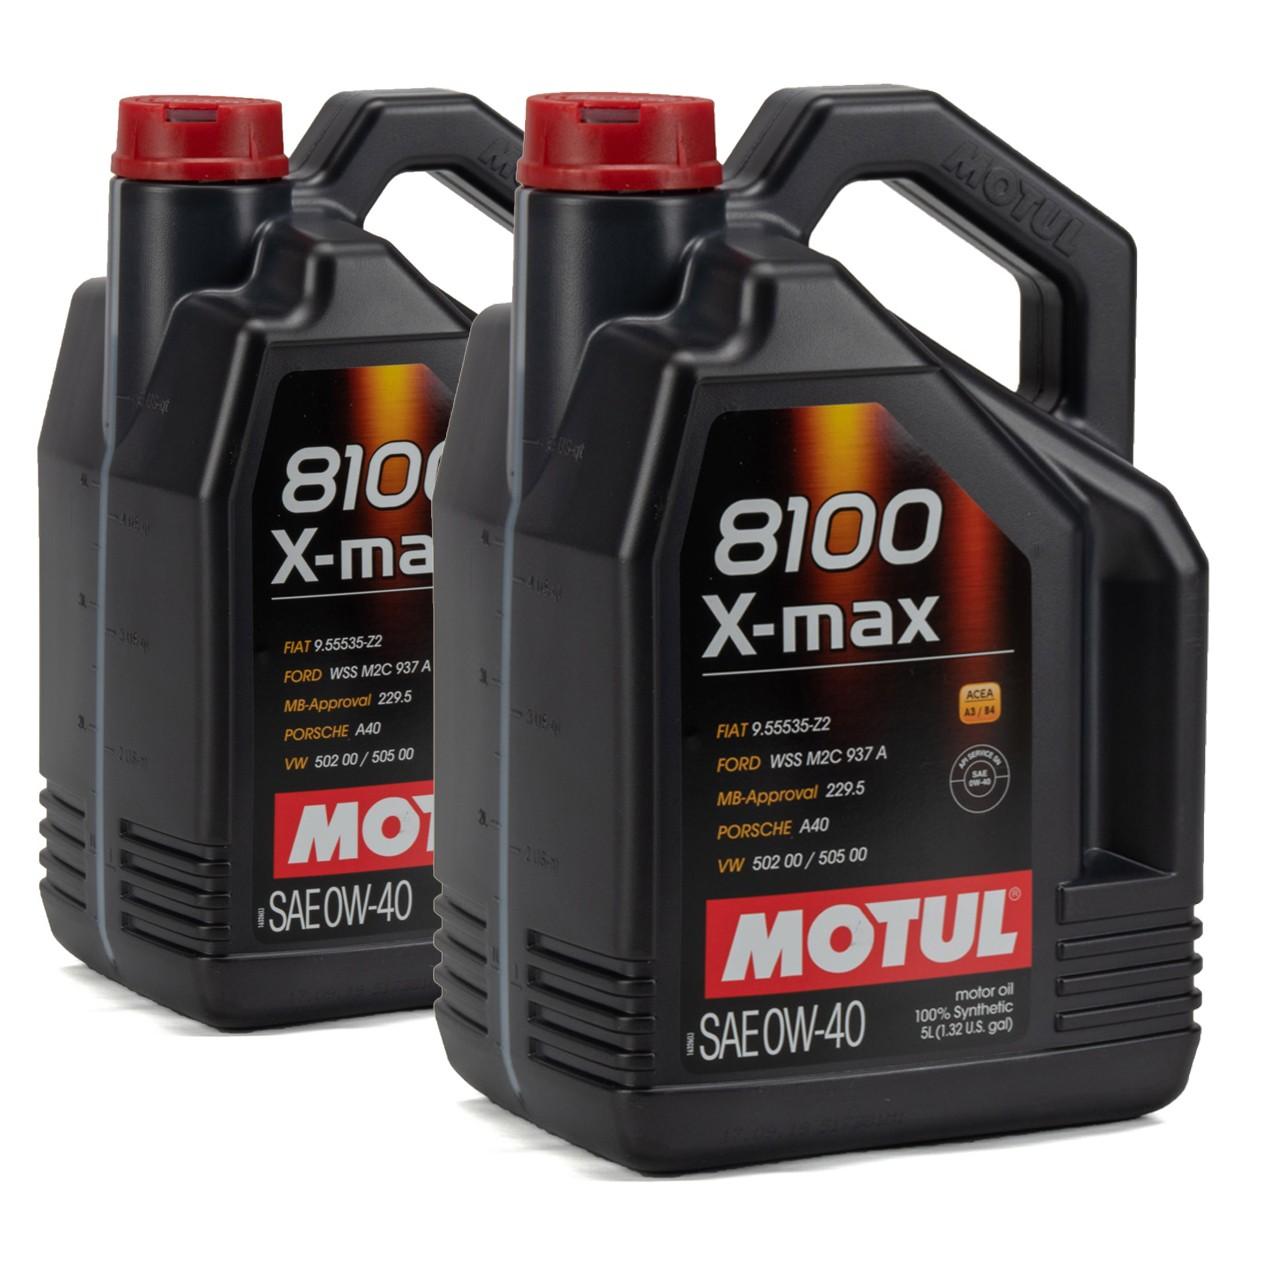 MOTUL 8100 X-max Motoröl Öl 0W40 FORD WSS M2C 937A VW 502.00/505.00 - 10 Liter